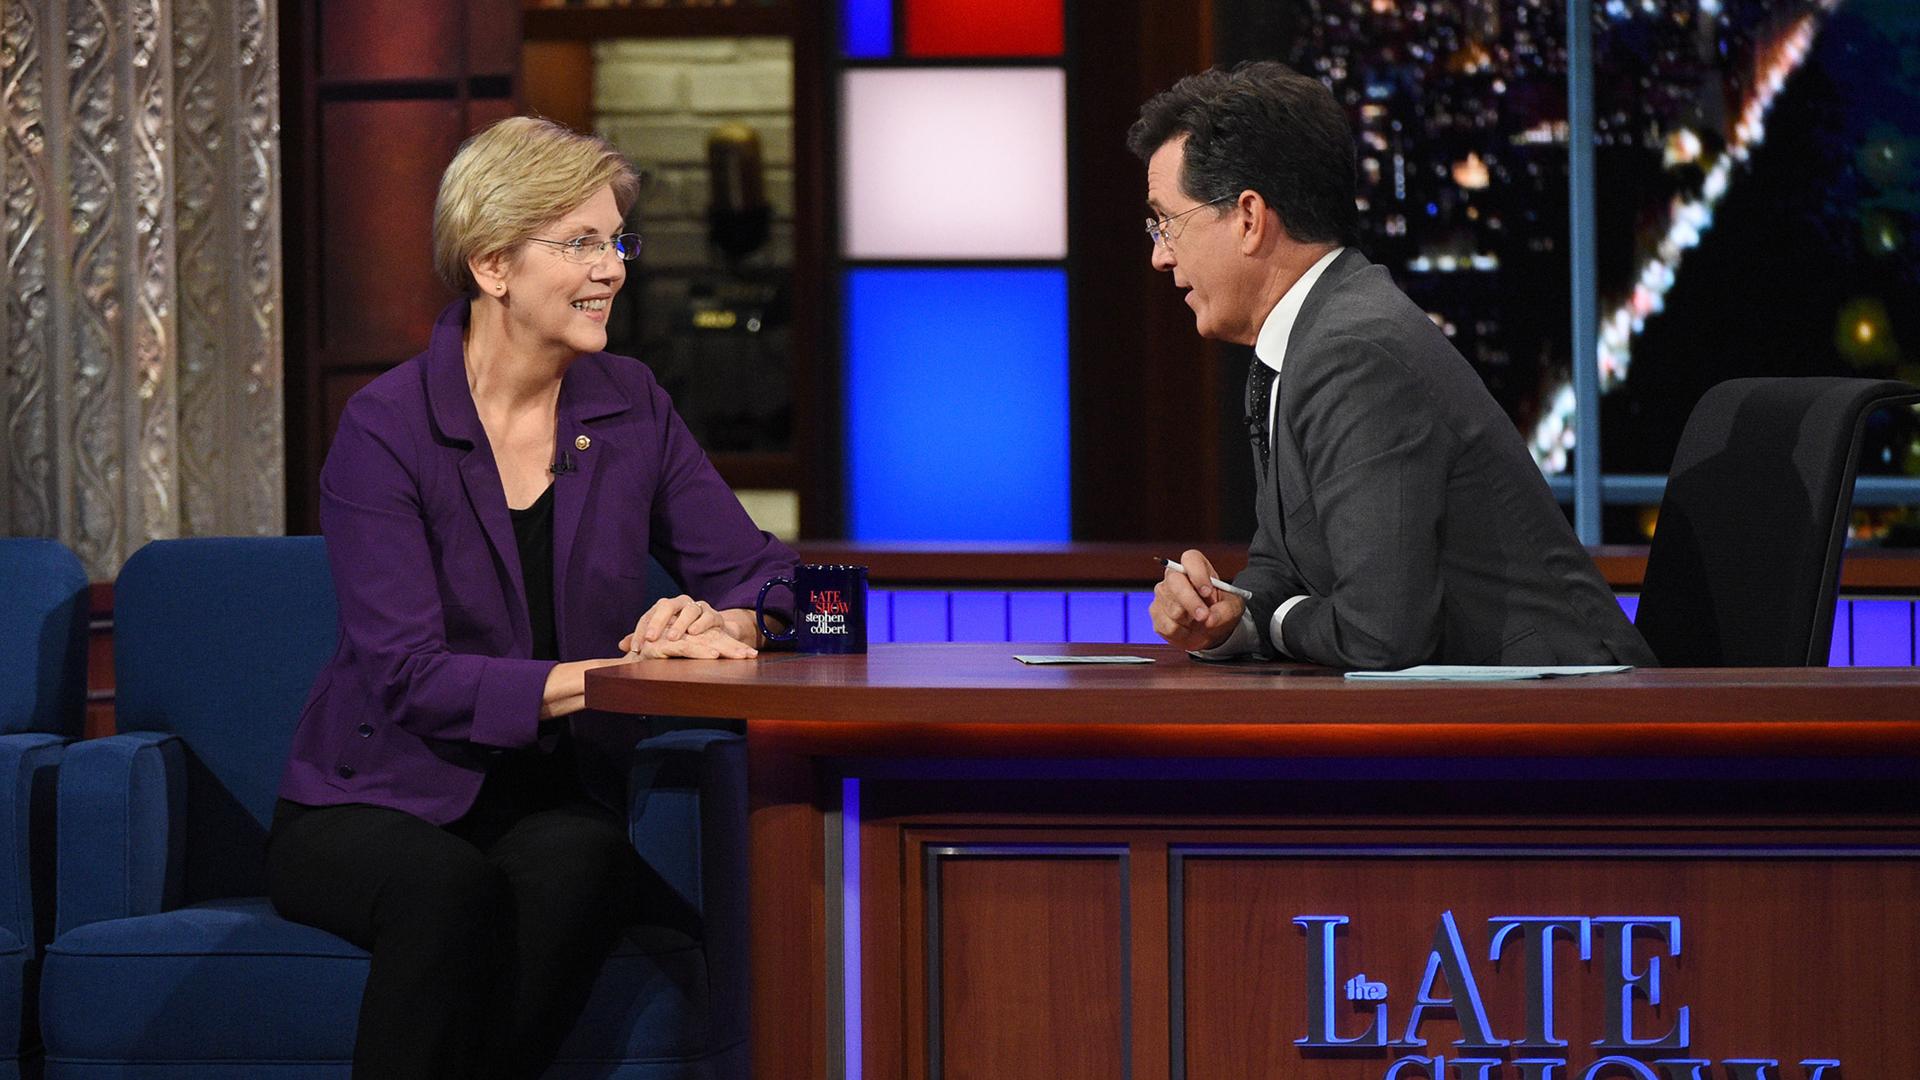 Elizabeth Warren and Stephen Colbert